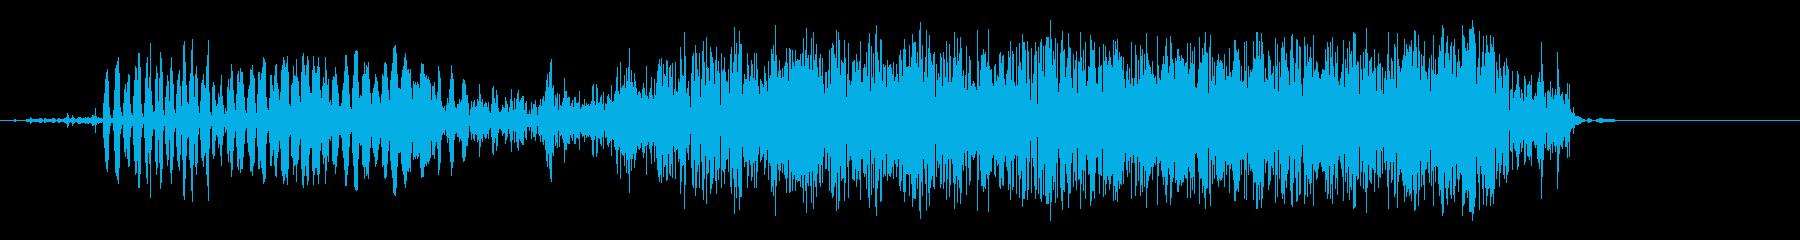 短い耳障りなノイズリップ2の再生済みの波形